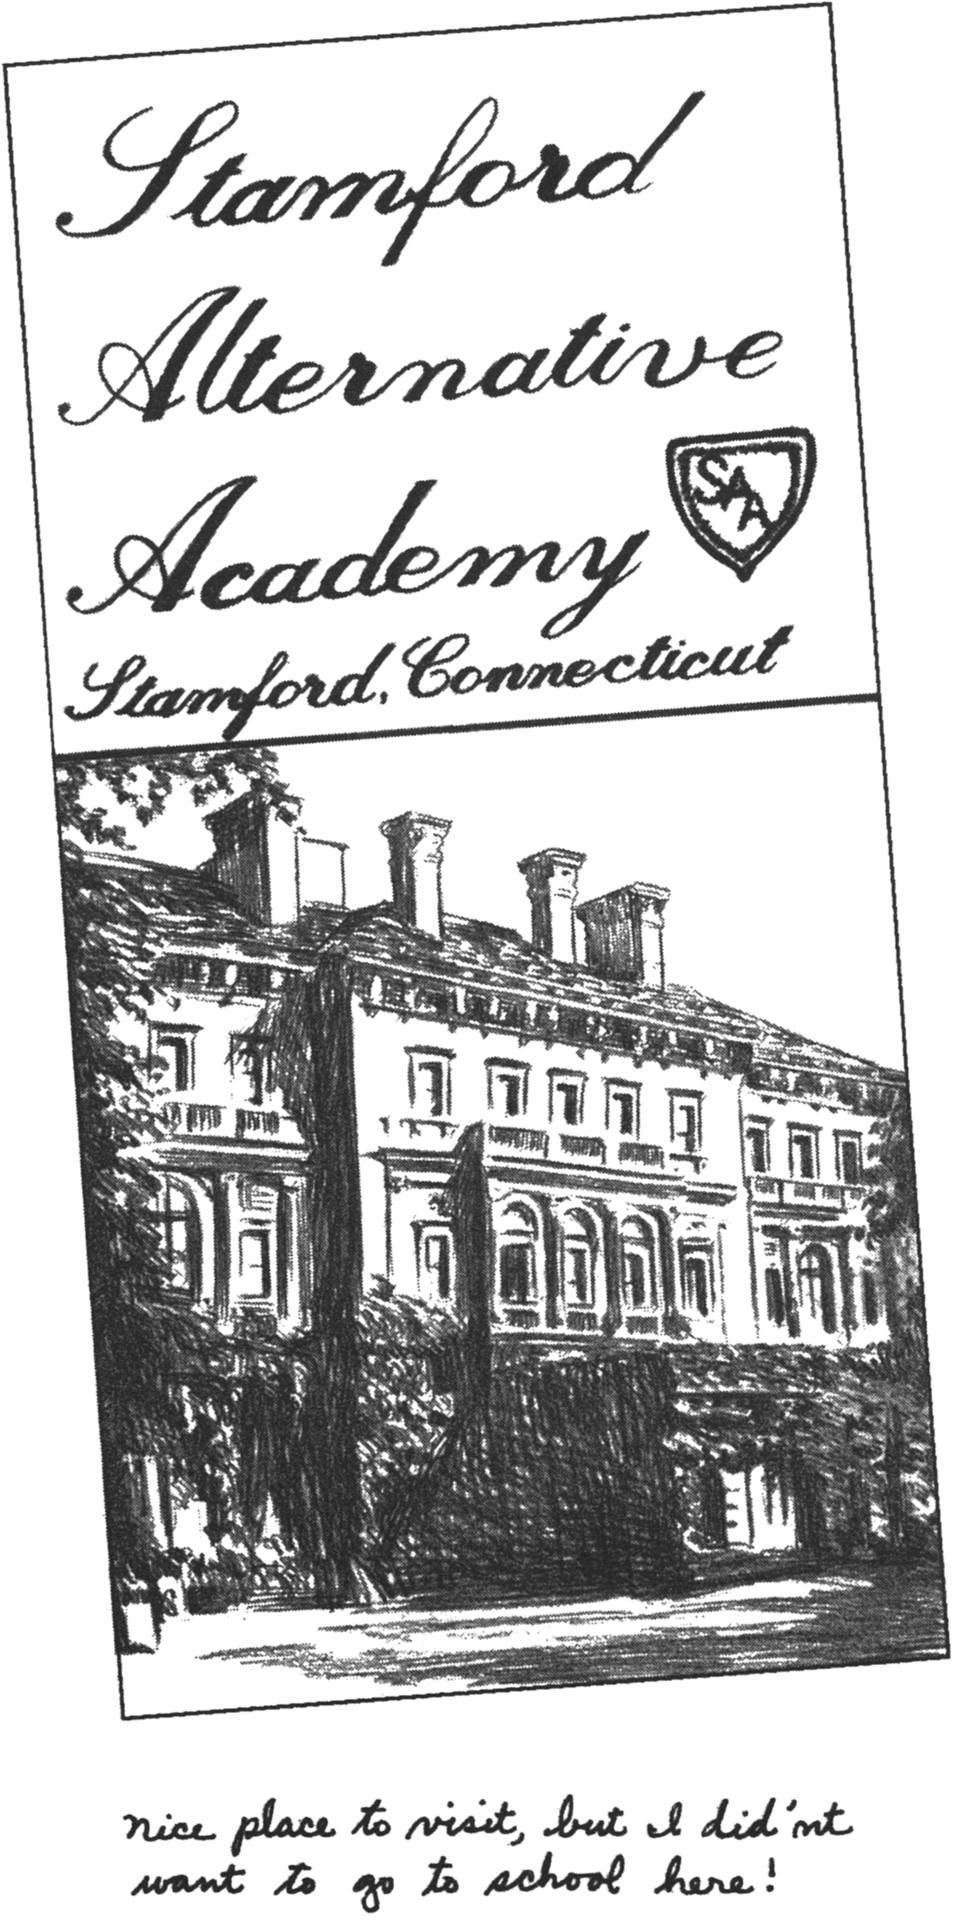 Stamford Alternative Academy